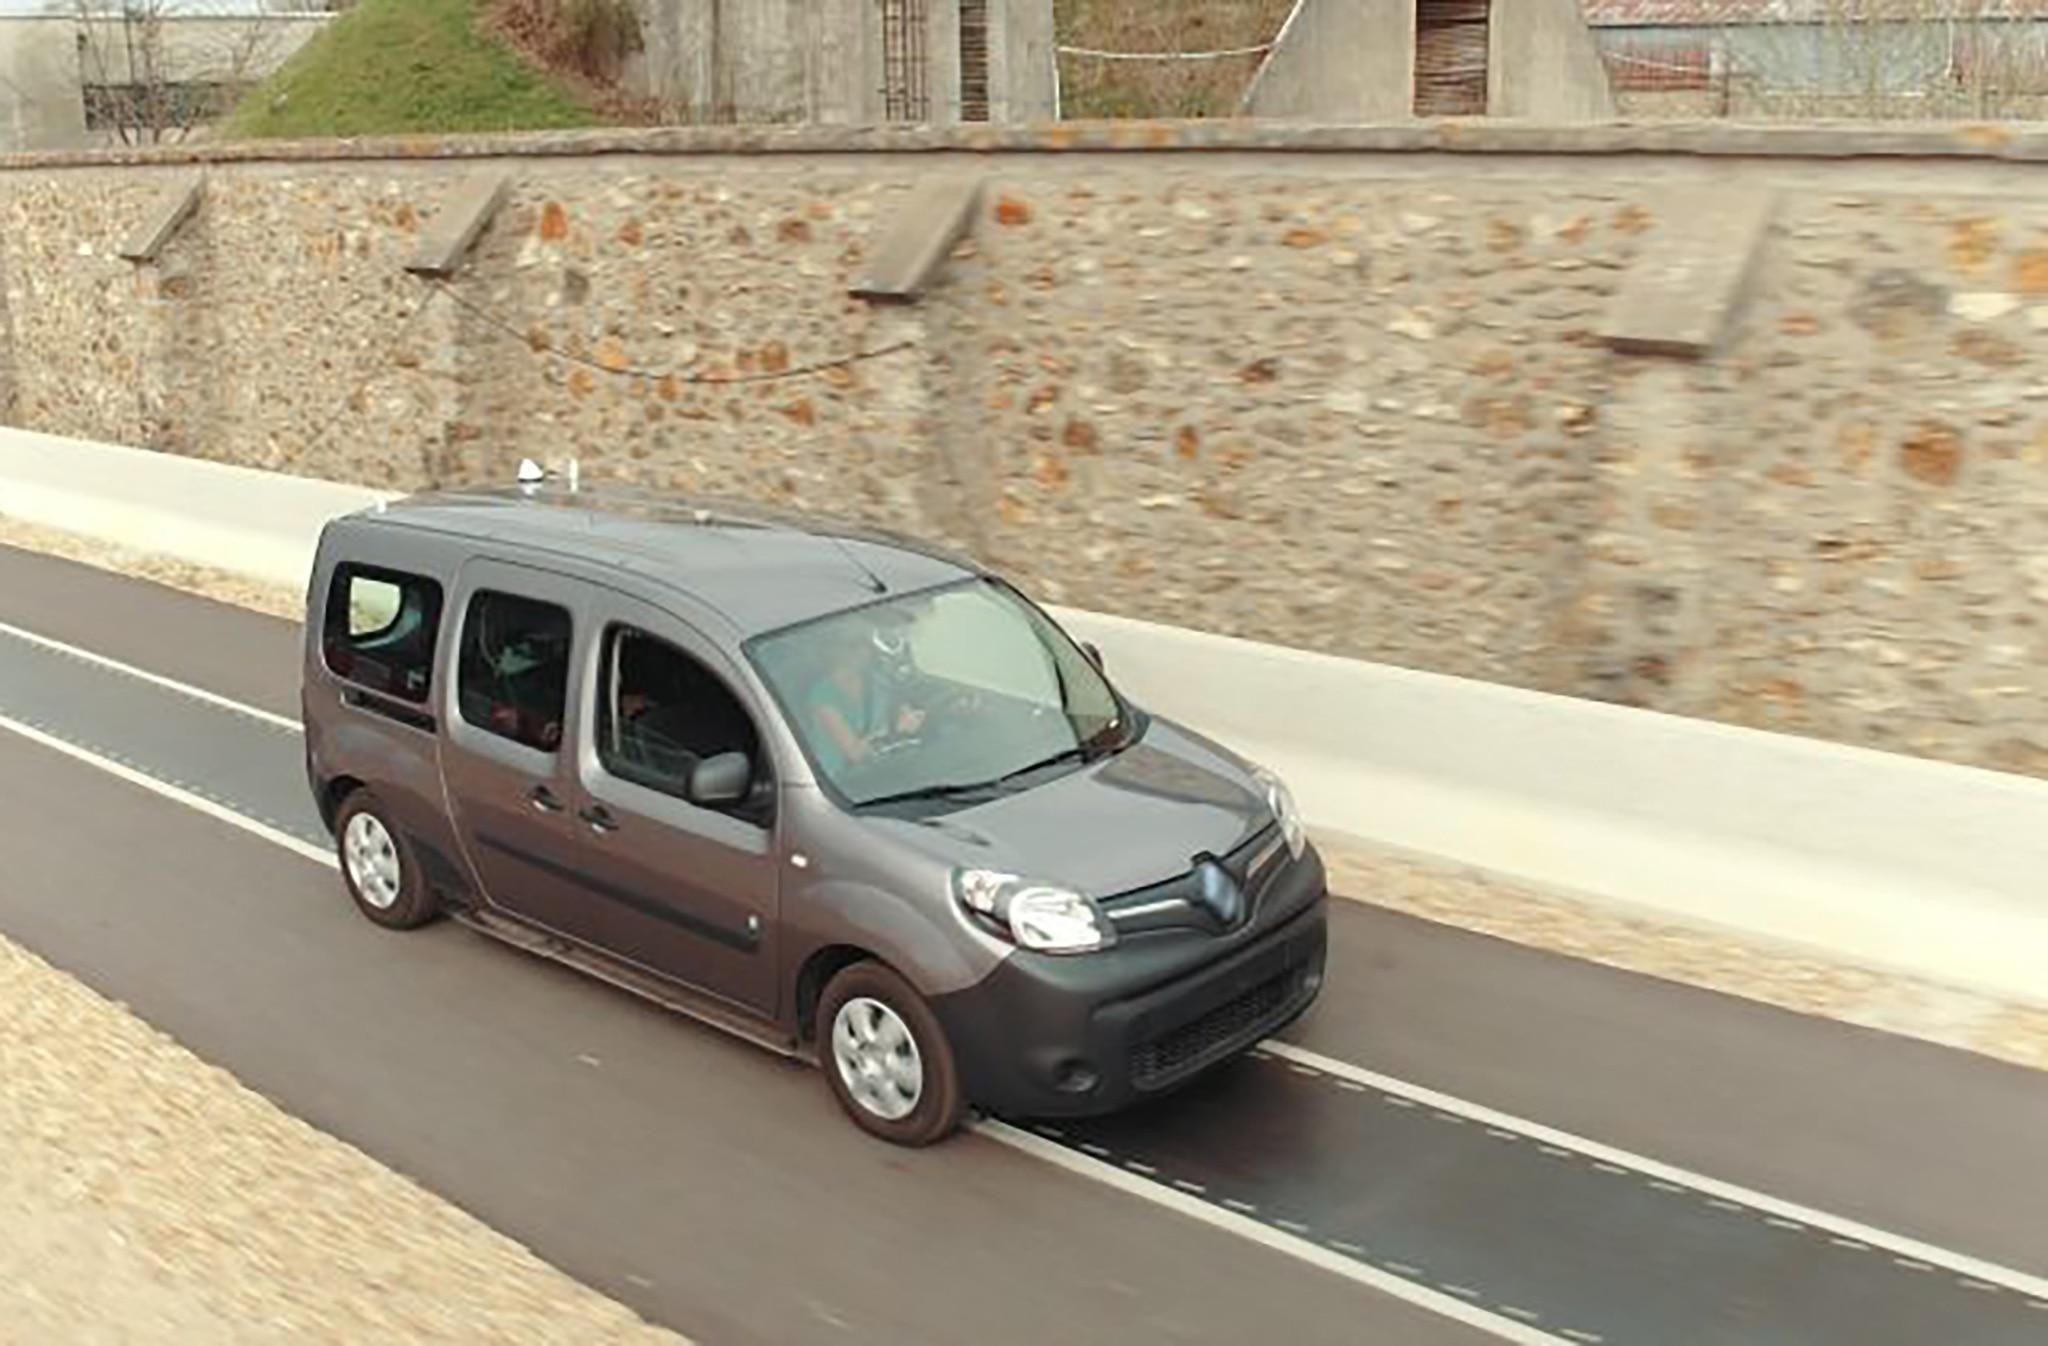 Renault_Qualcomm Test